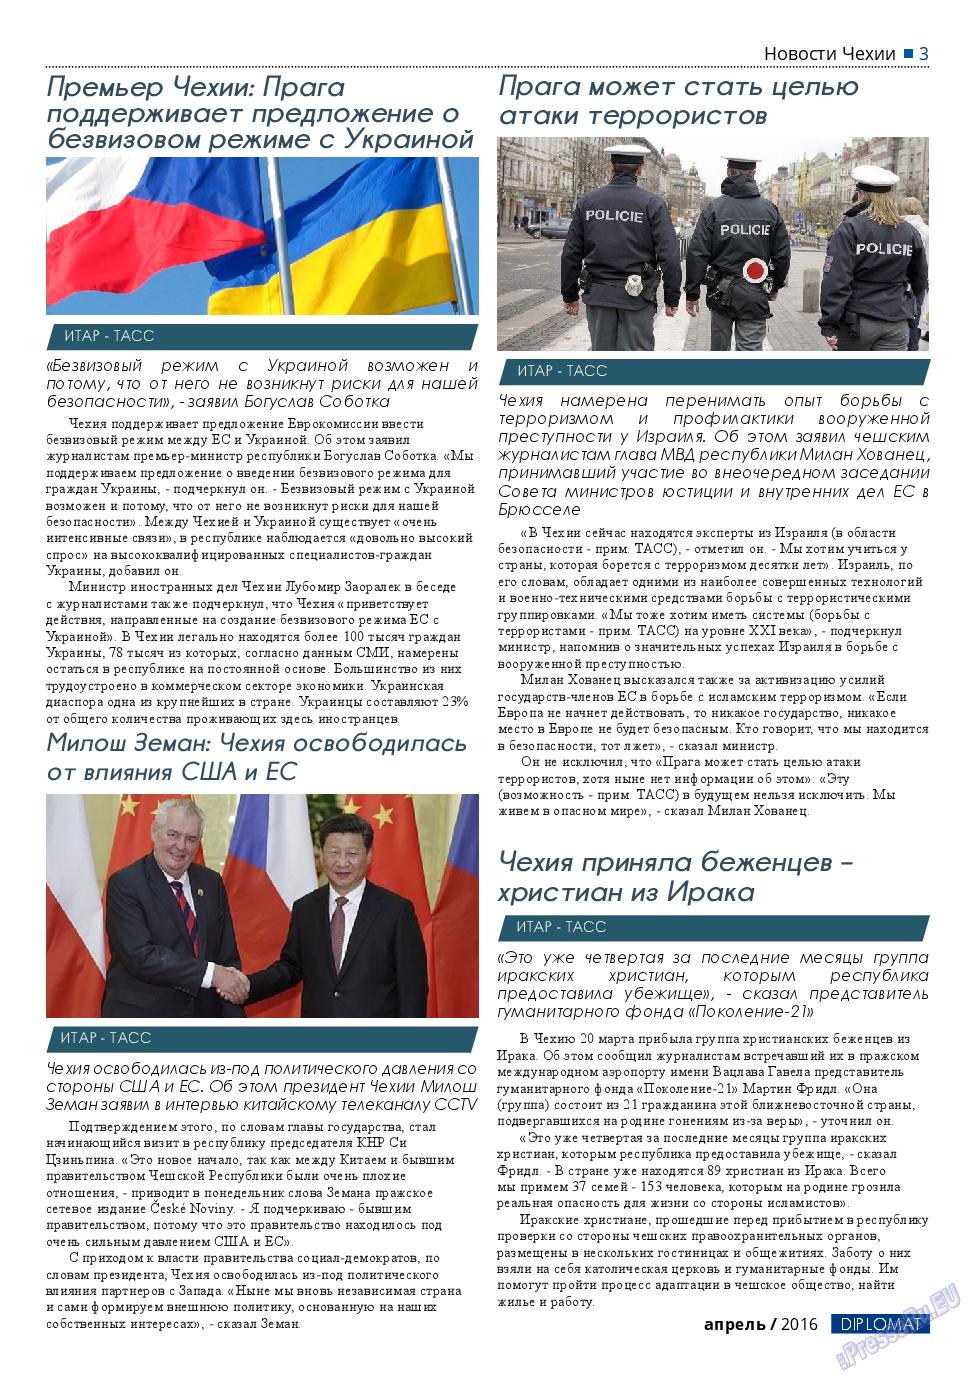 Diplomat (газета). 2016 год, номер 79, стр. 3